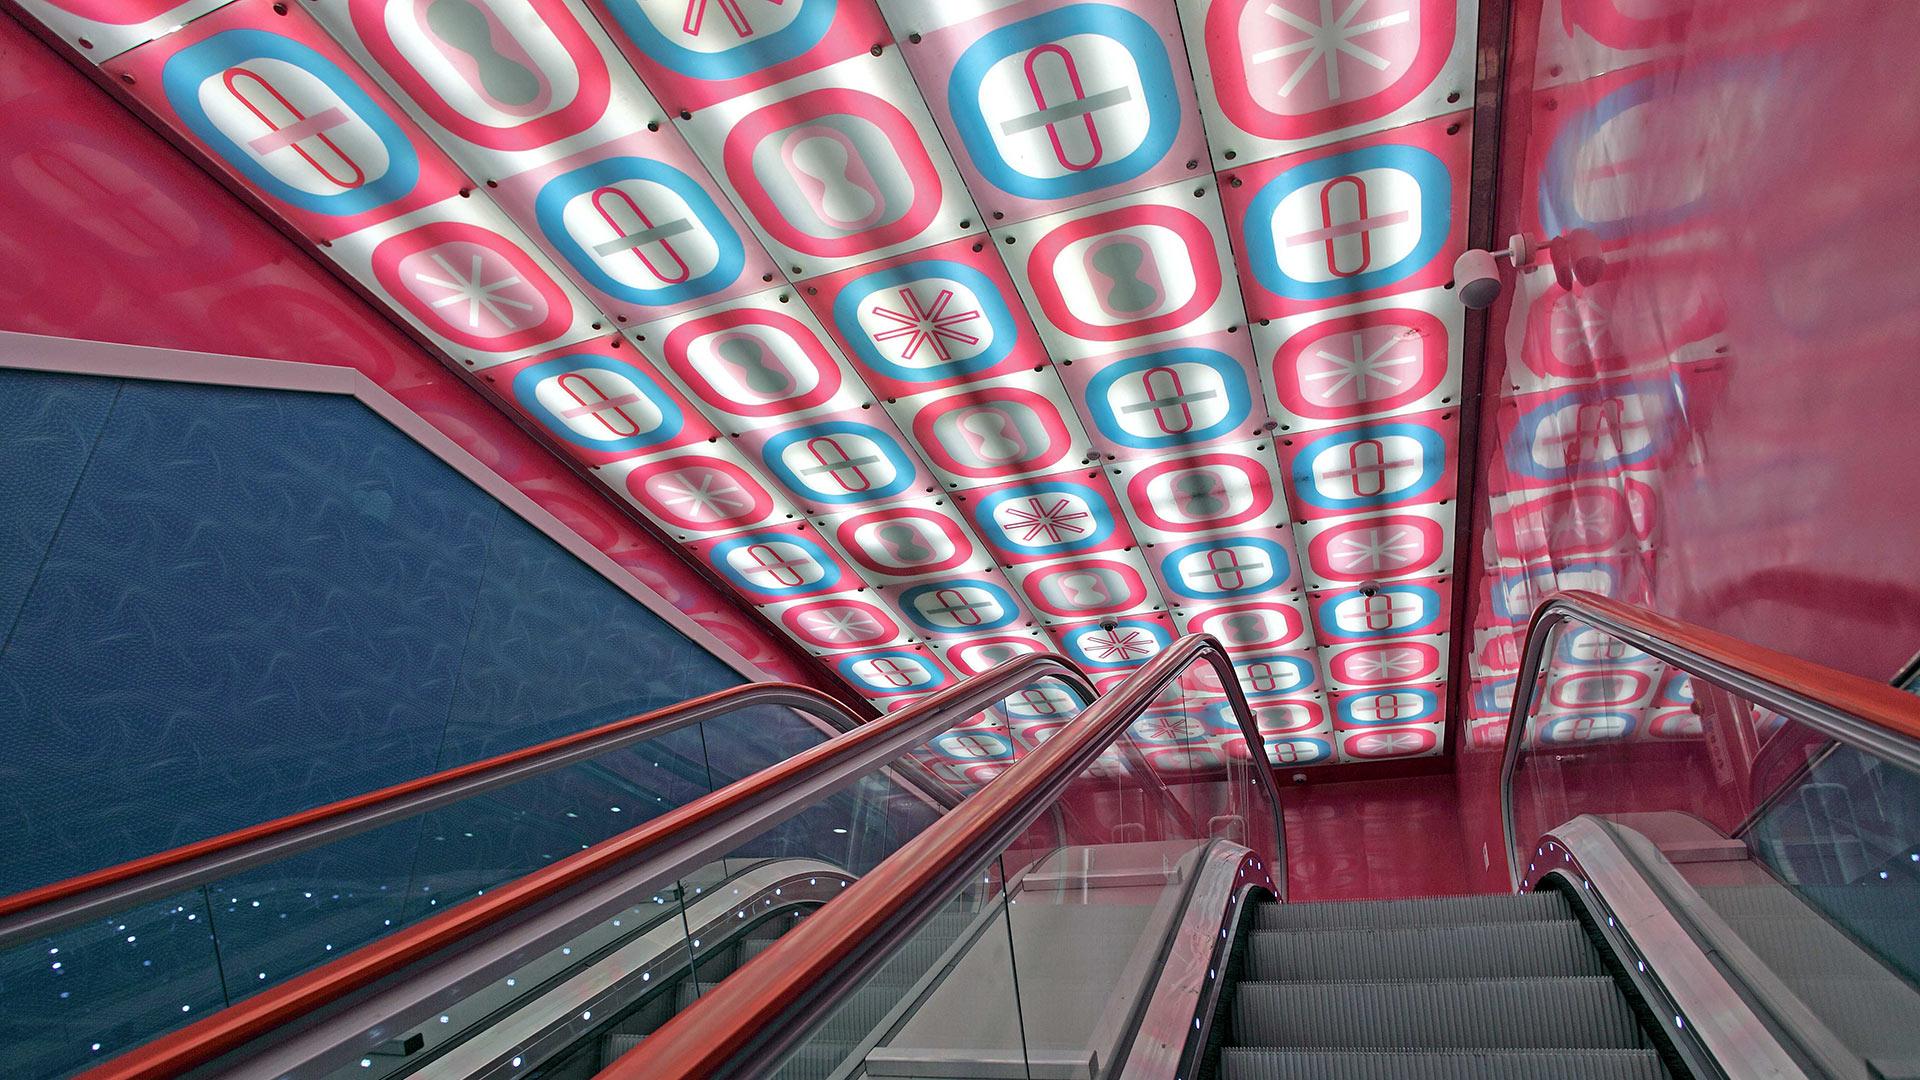 Naples Underground, University station; Karim Rashid, light box, 2010